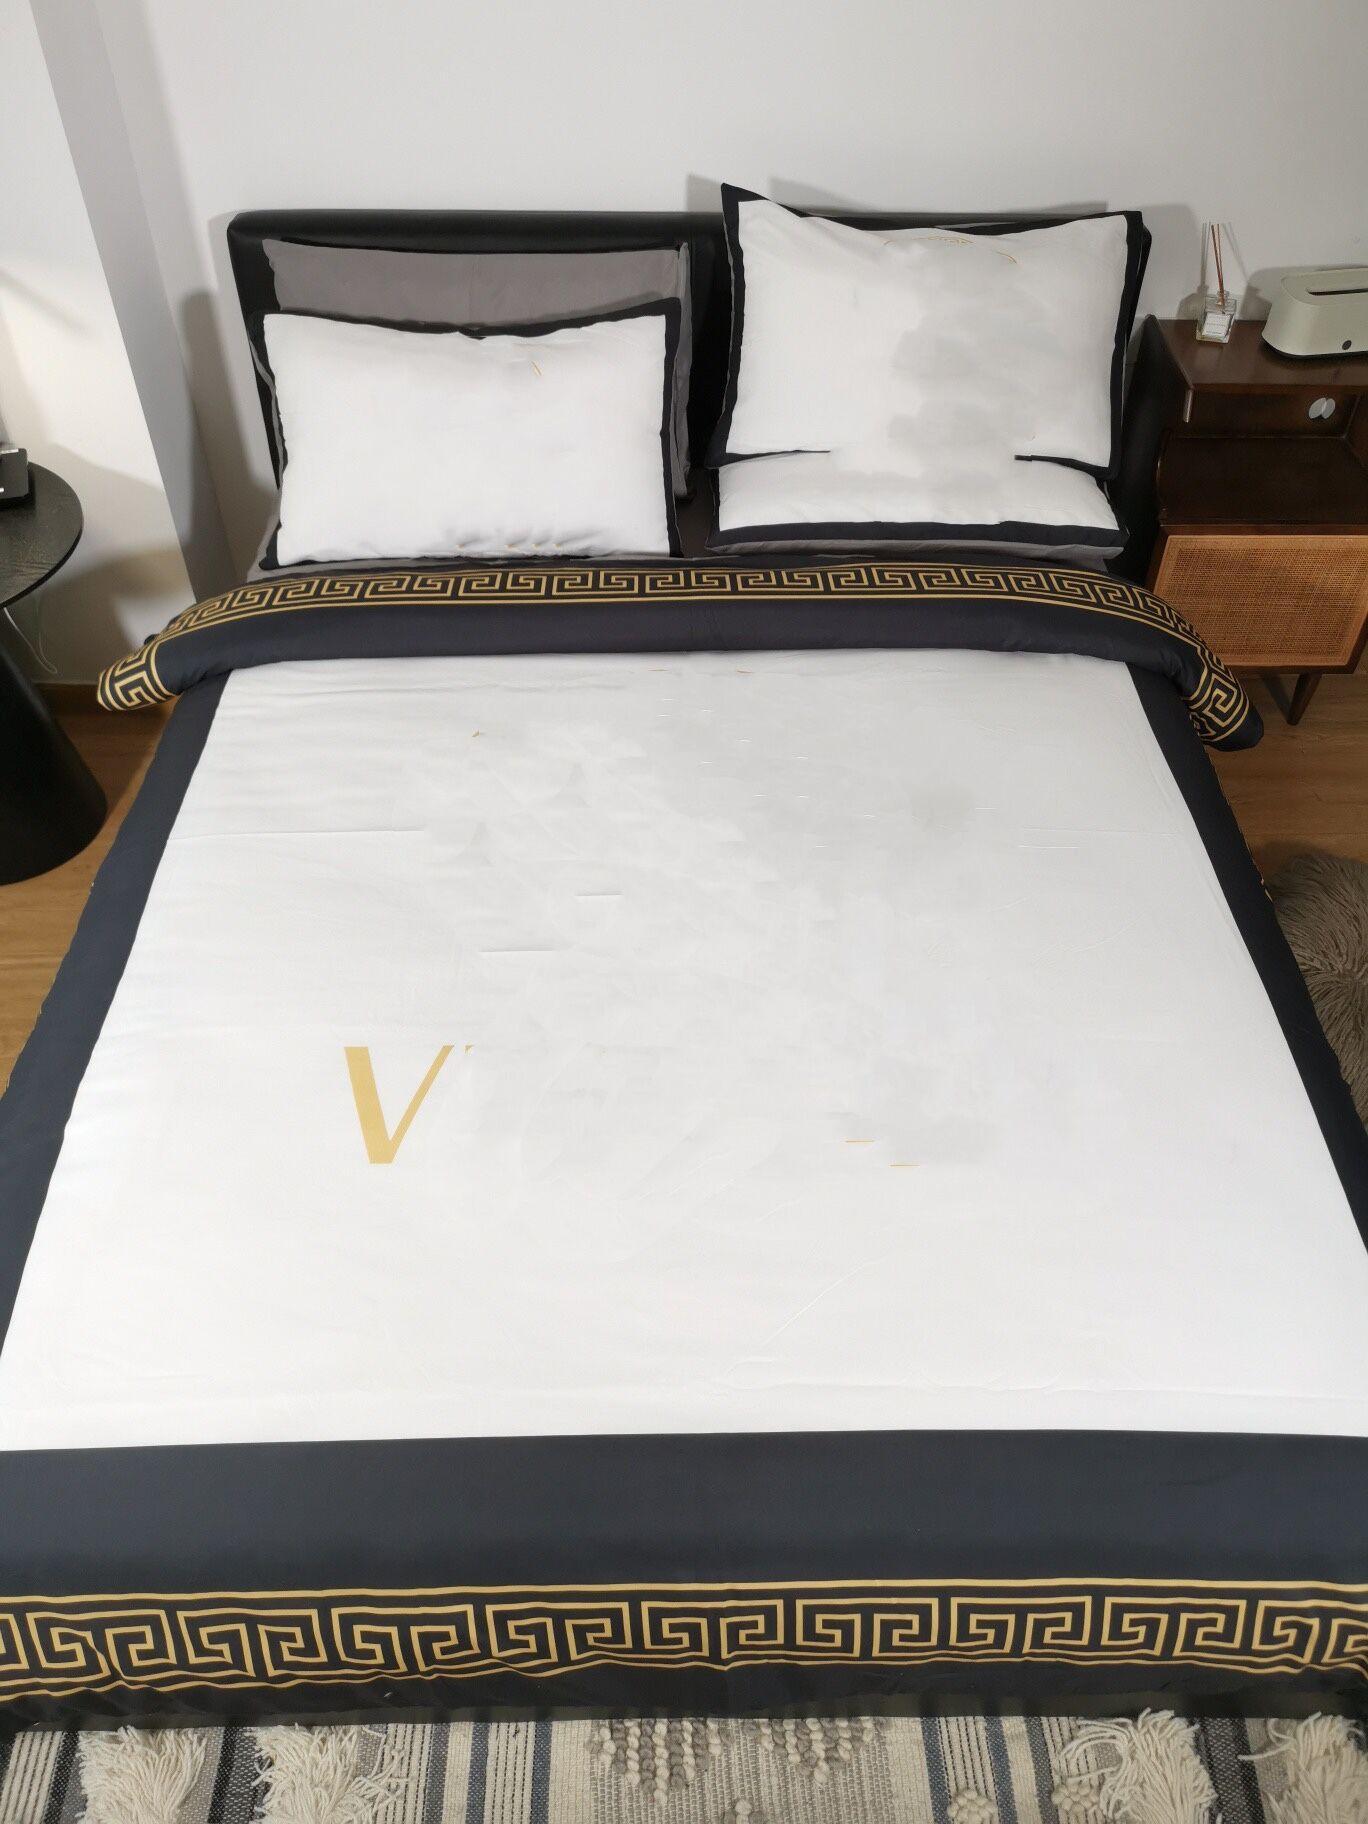 Literie de concepteur blanc Ensembles Duvet Cover Motif autour de Queen Taille Designer Literie 4 PCS Set Couvercle de couette de luxe en soie